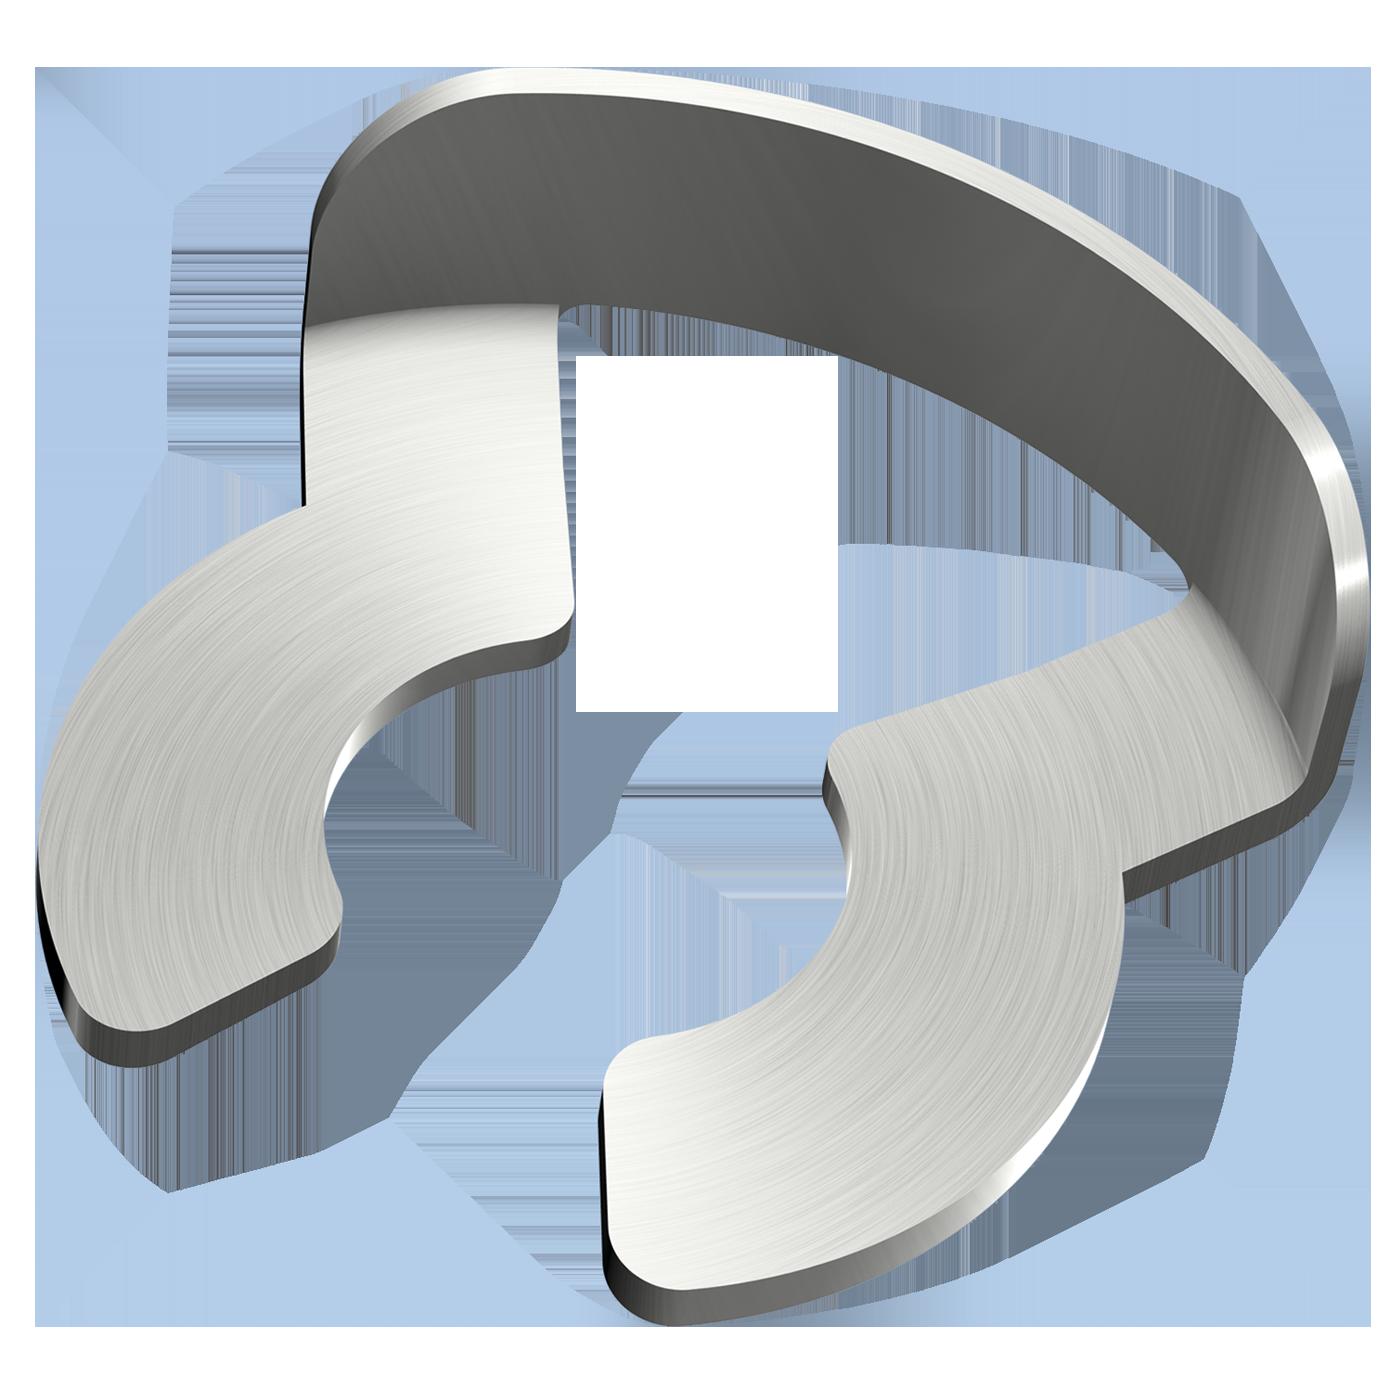 mbo Oßwald ist Anbieter von KL-Sicherungen, KL-Sicherung, für Bolzen und Wellen mit Nut, bzw. Einstich. Geliefert werden diese in Federbandstahl.